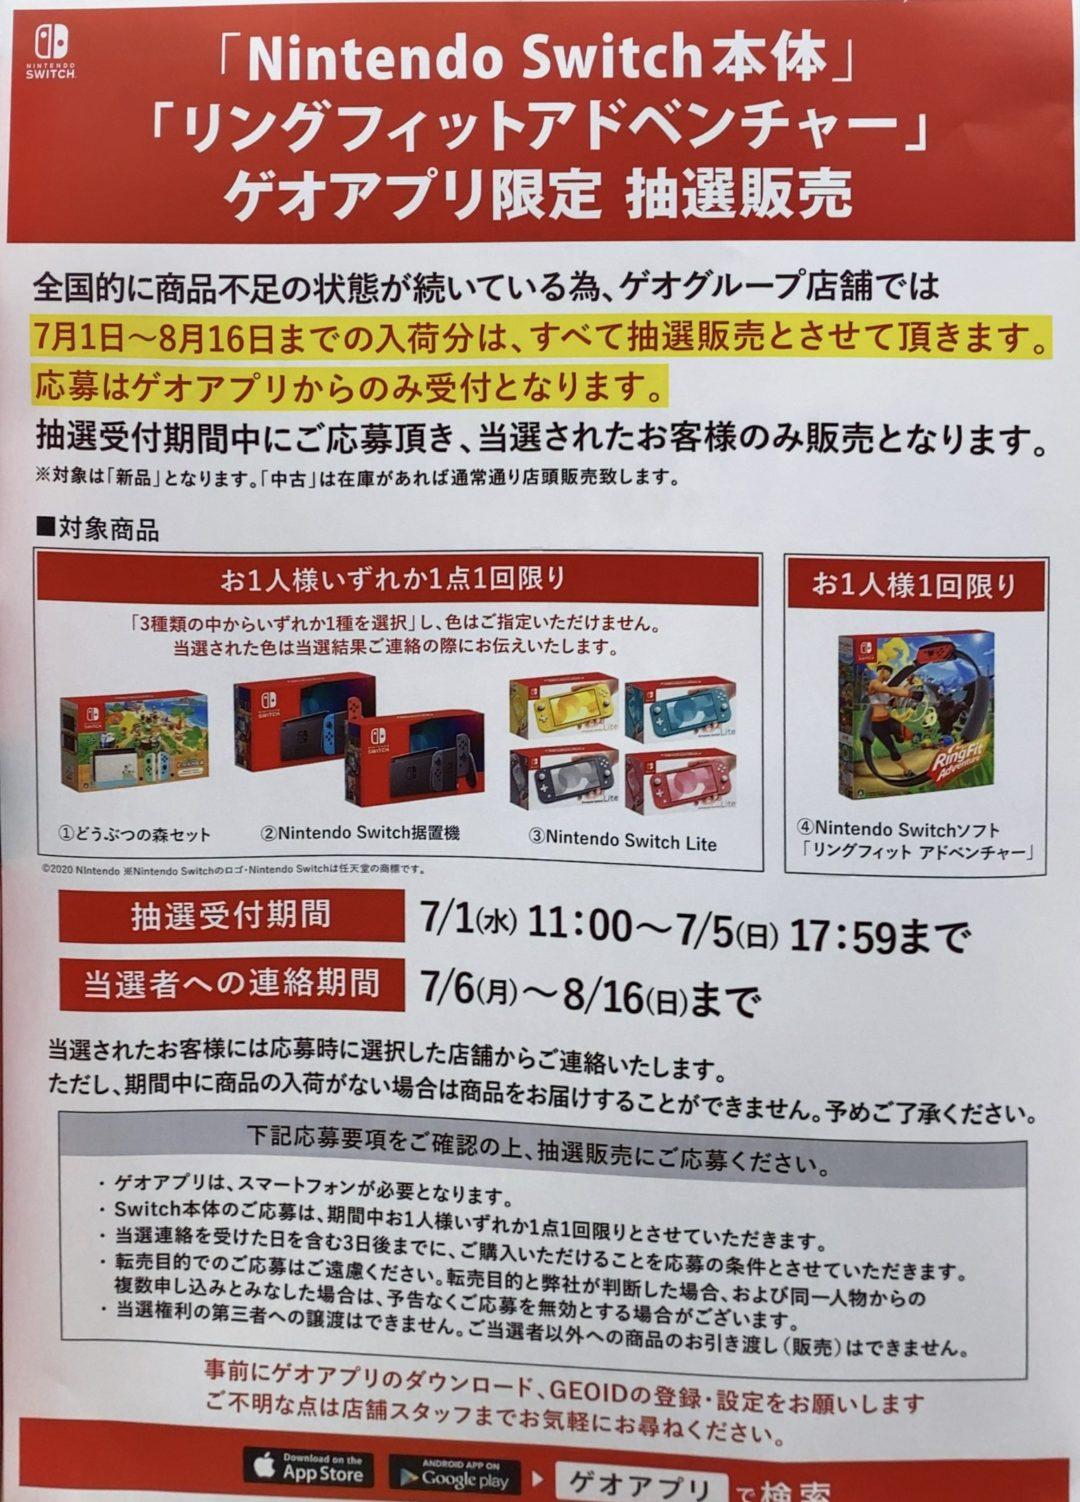 Switch 抽選 ゲオ ゲオ、Nintendo Switch